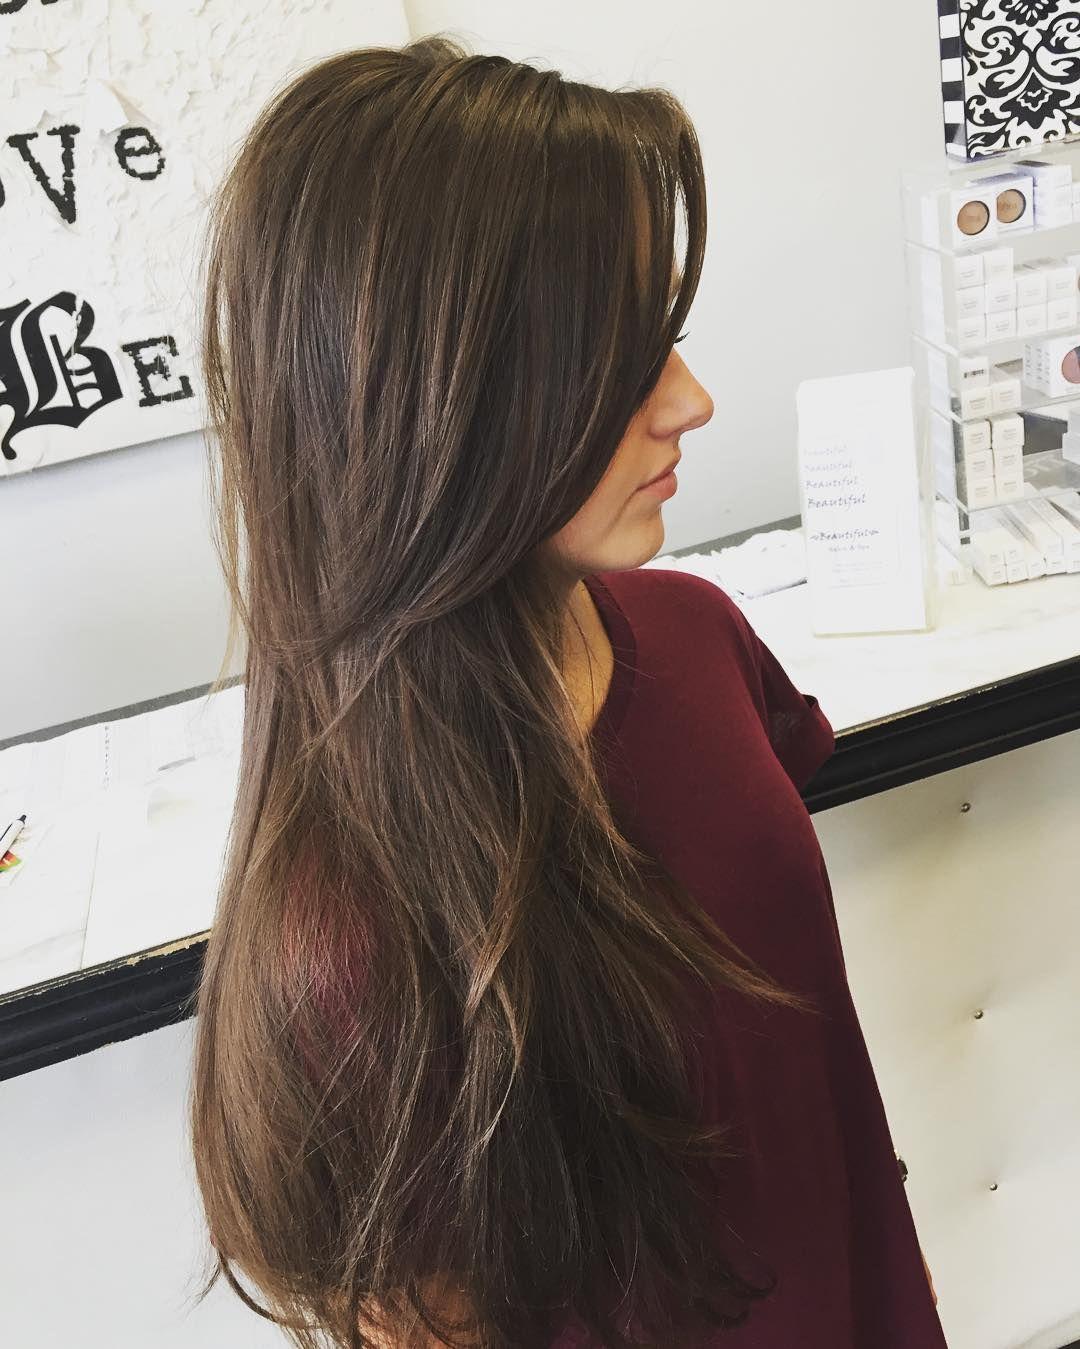 thin hair - how to style haircuts that fit thin hair | thin